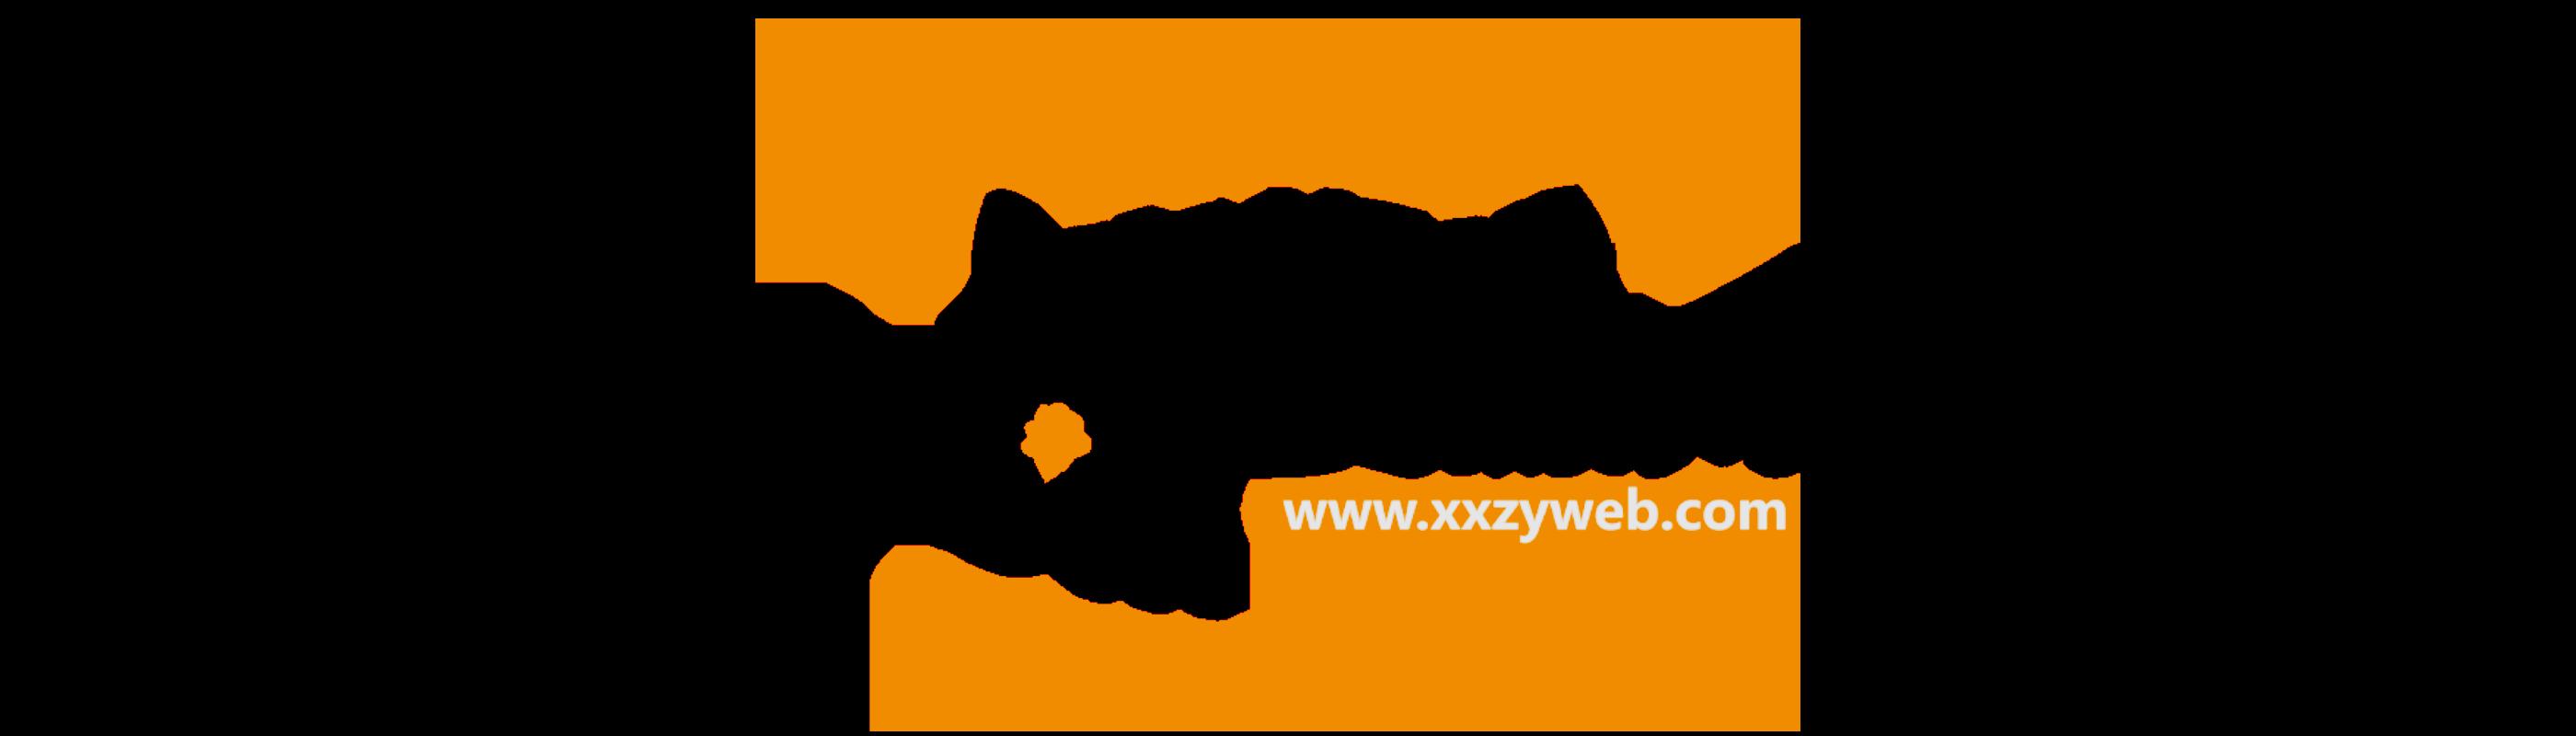 小熊资源网